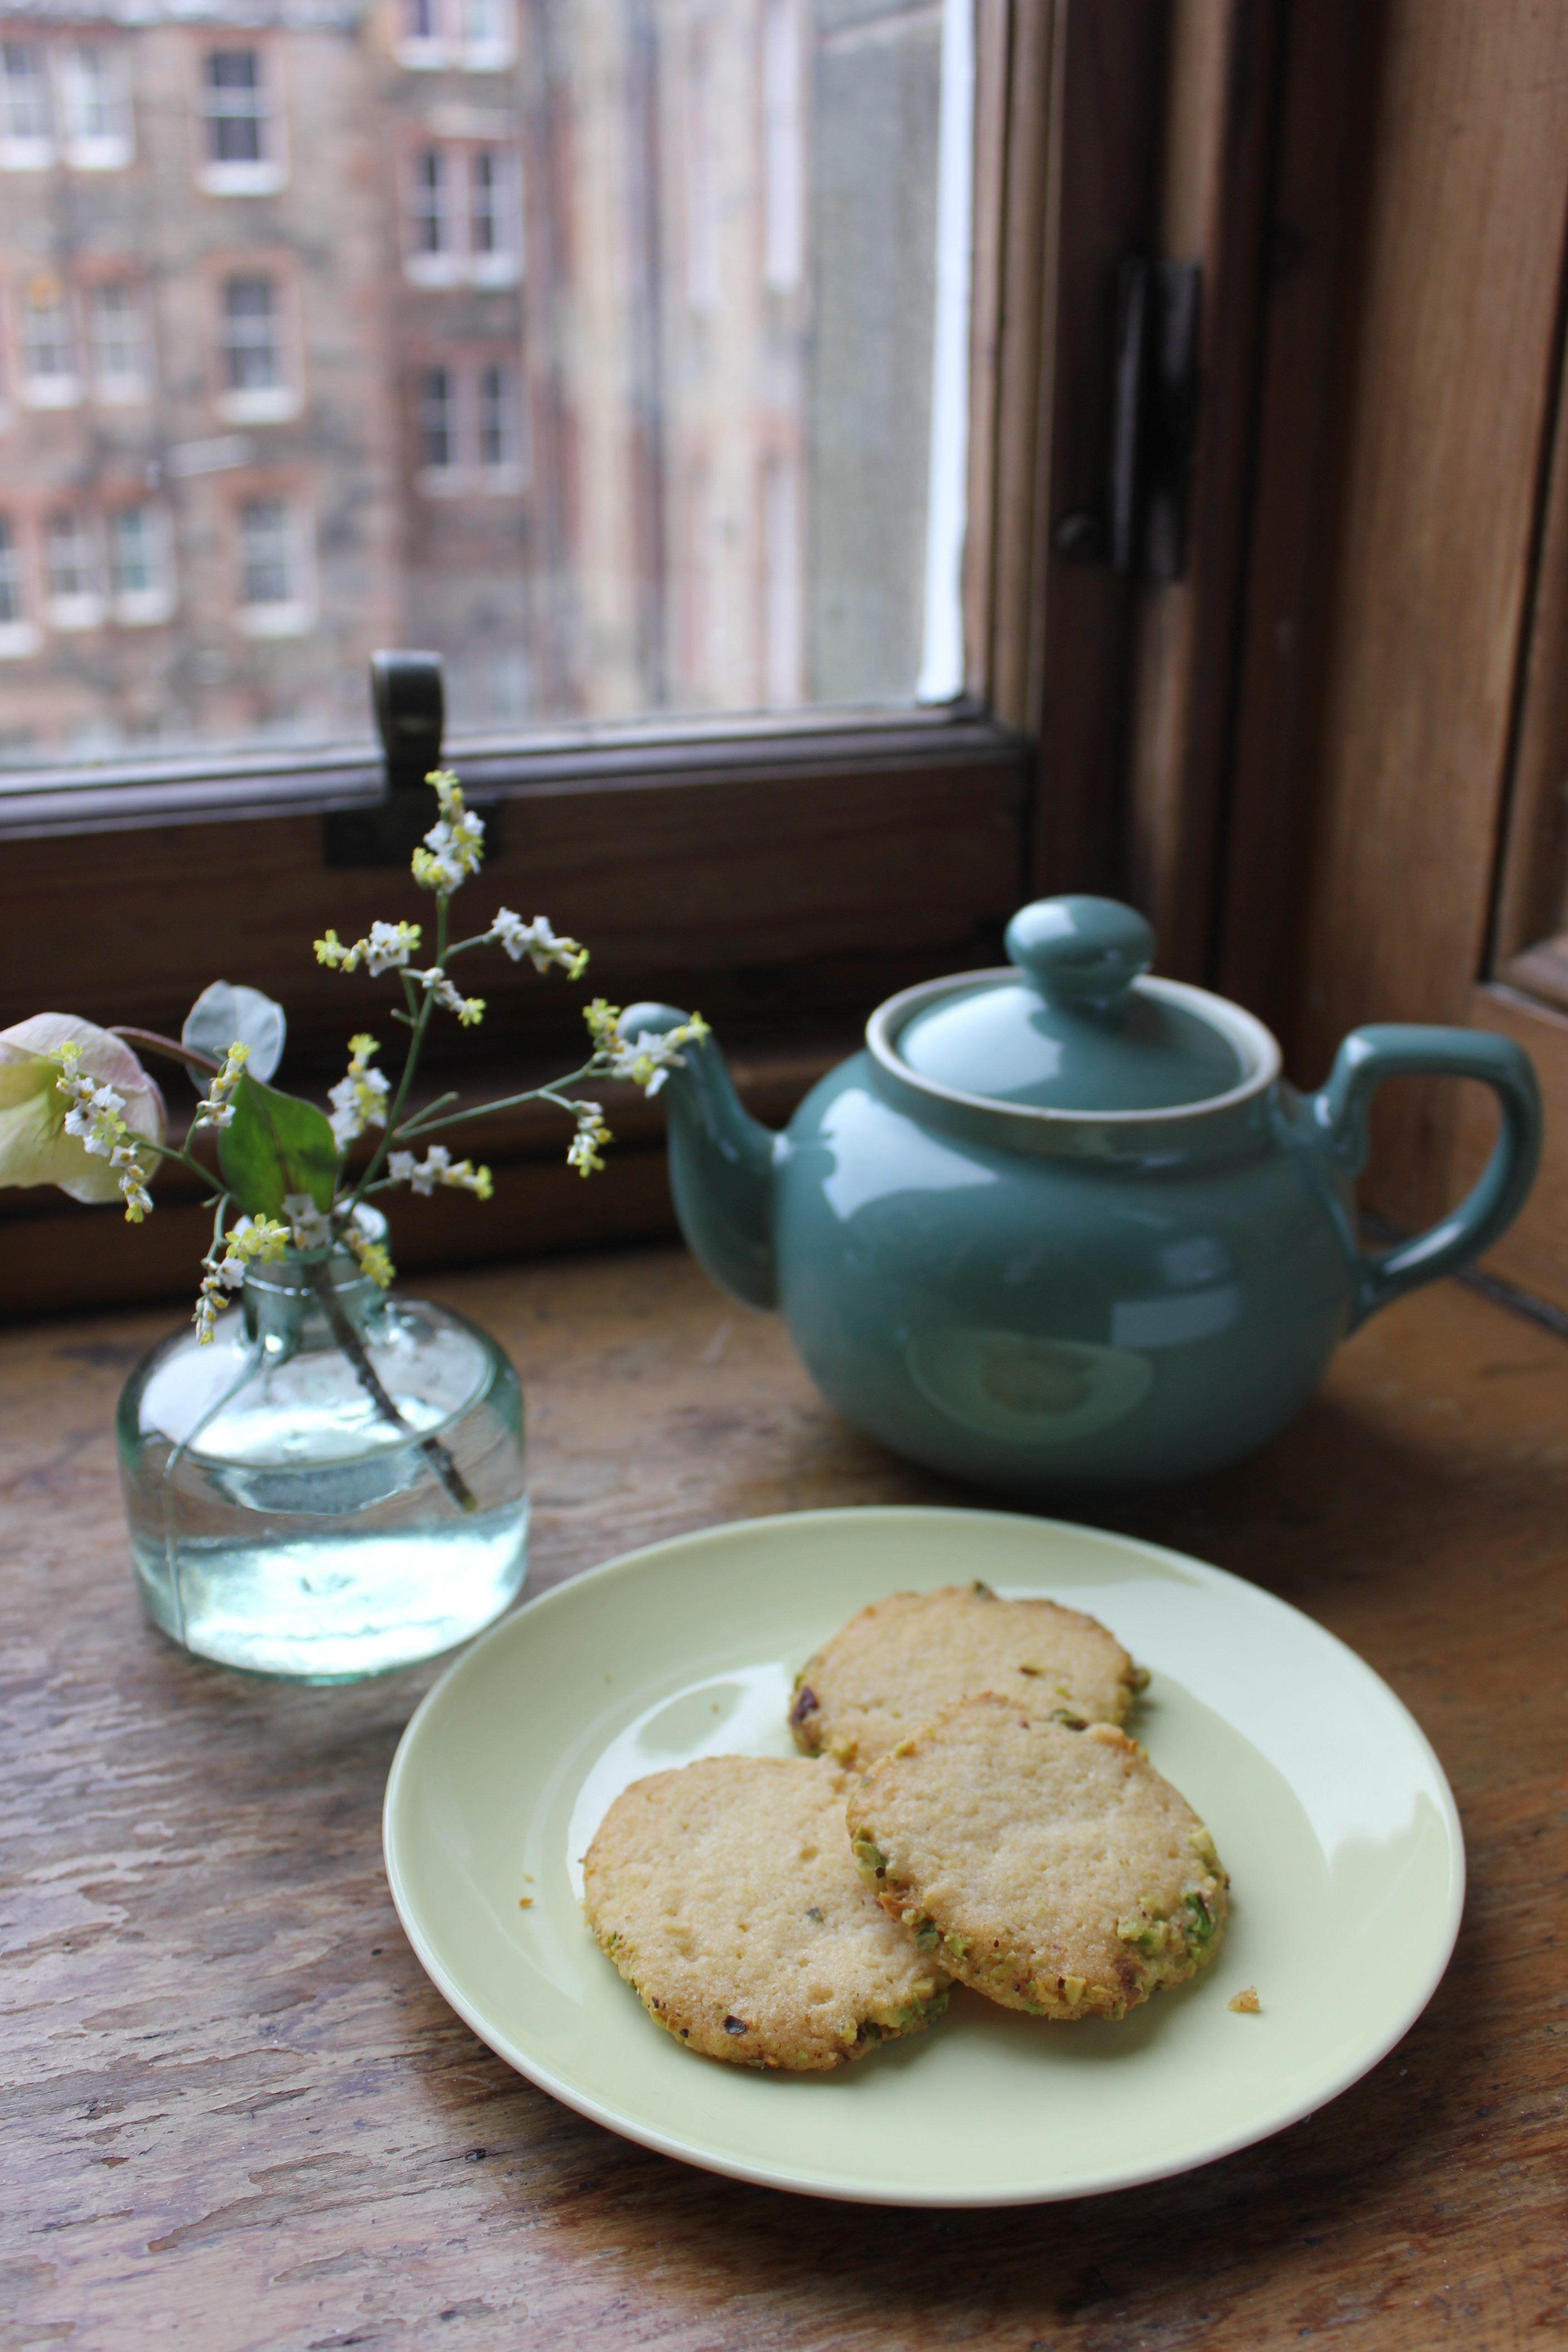 Lemon Pistachio Biscuits